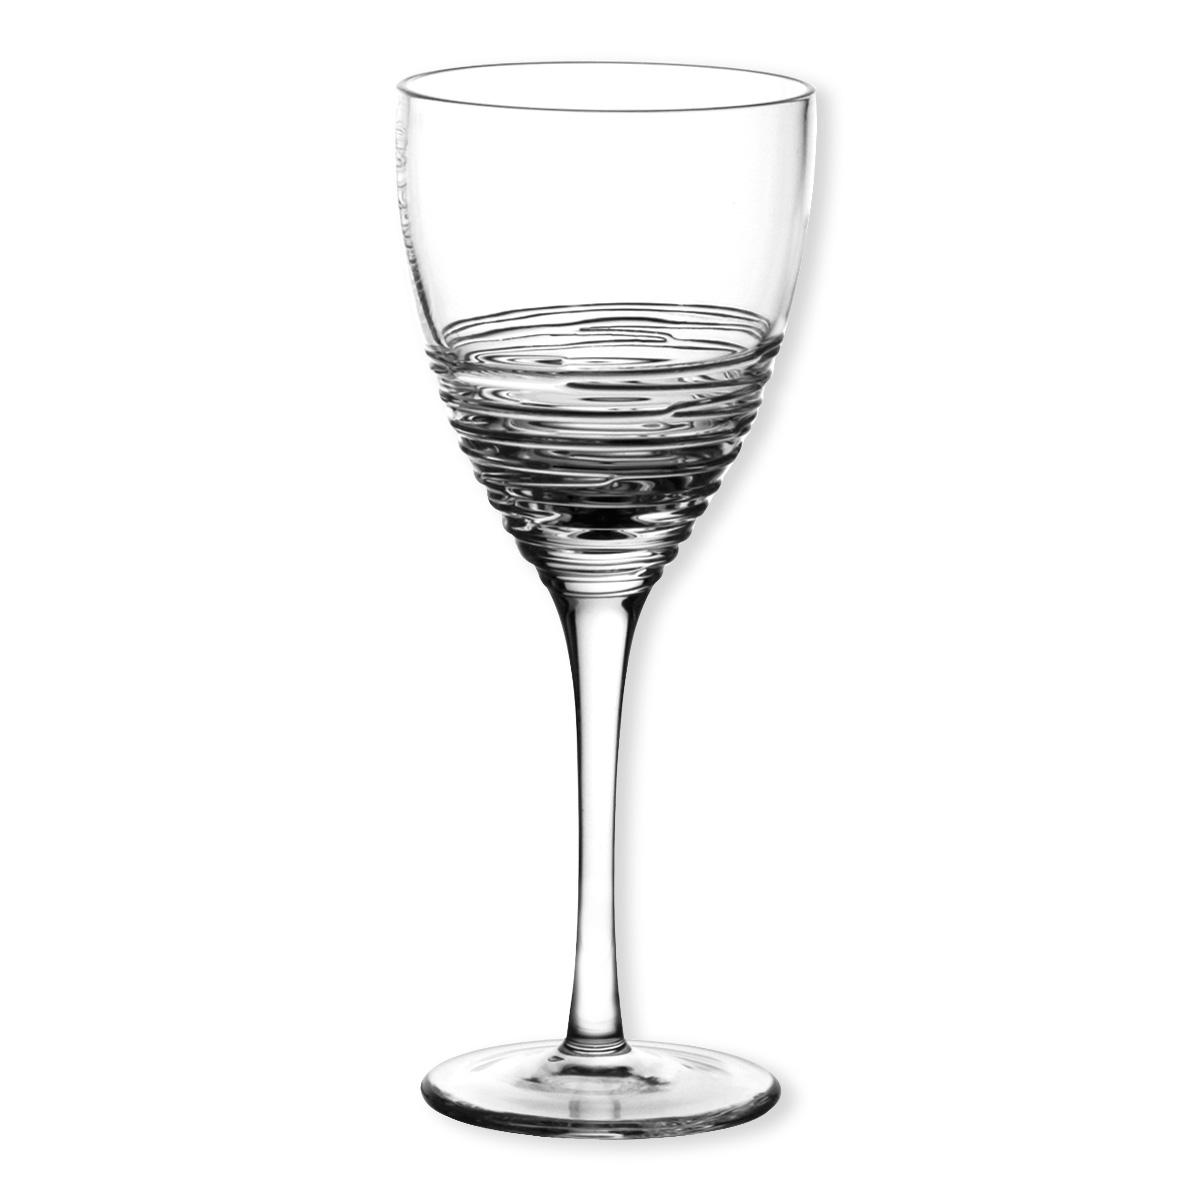 Verre à Vin Soufflé Bouche - Fait Main - Totem - 21CL - Bruno Evrard 35527a0c58e4